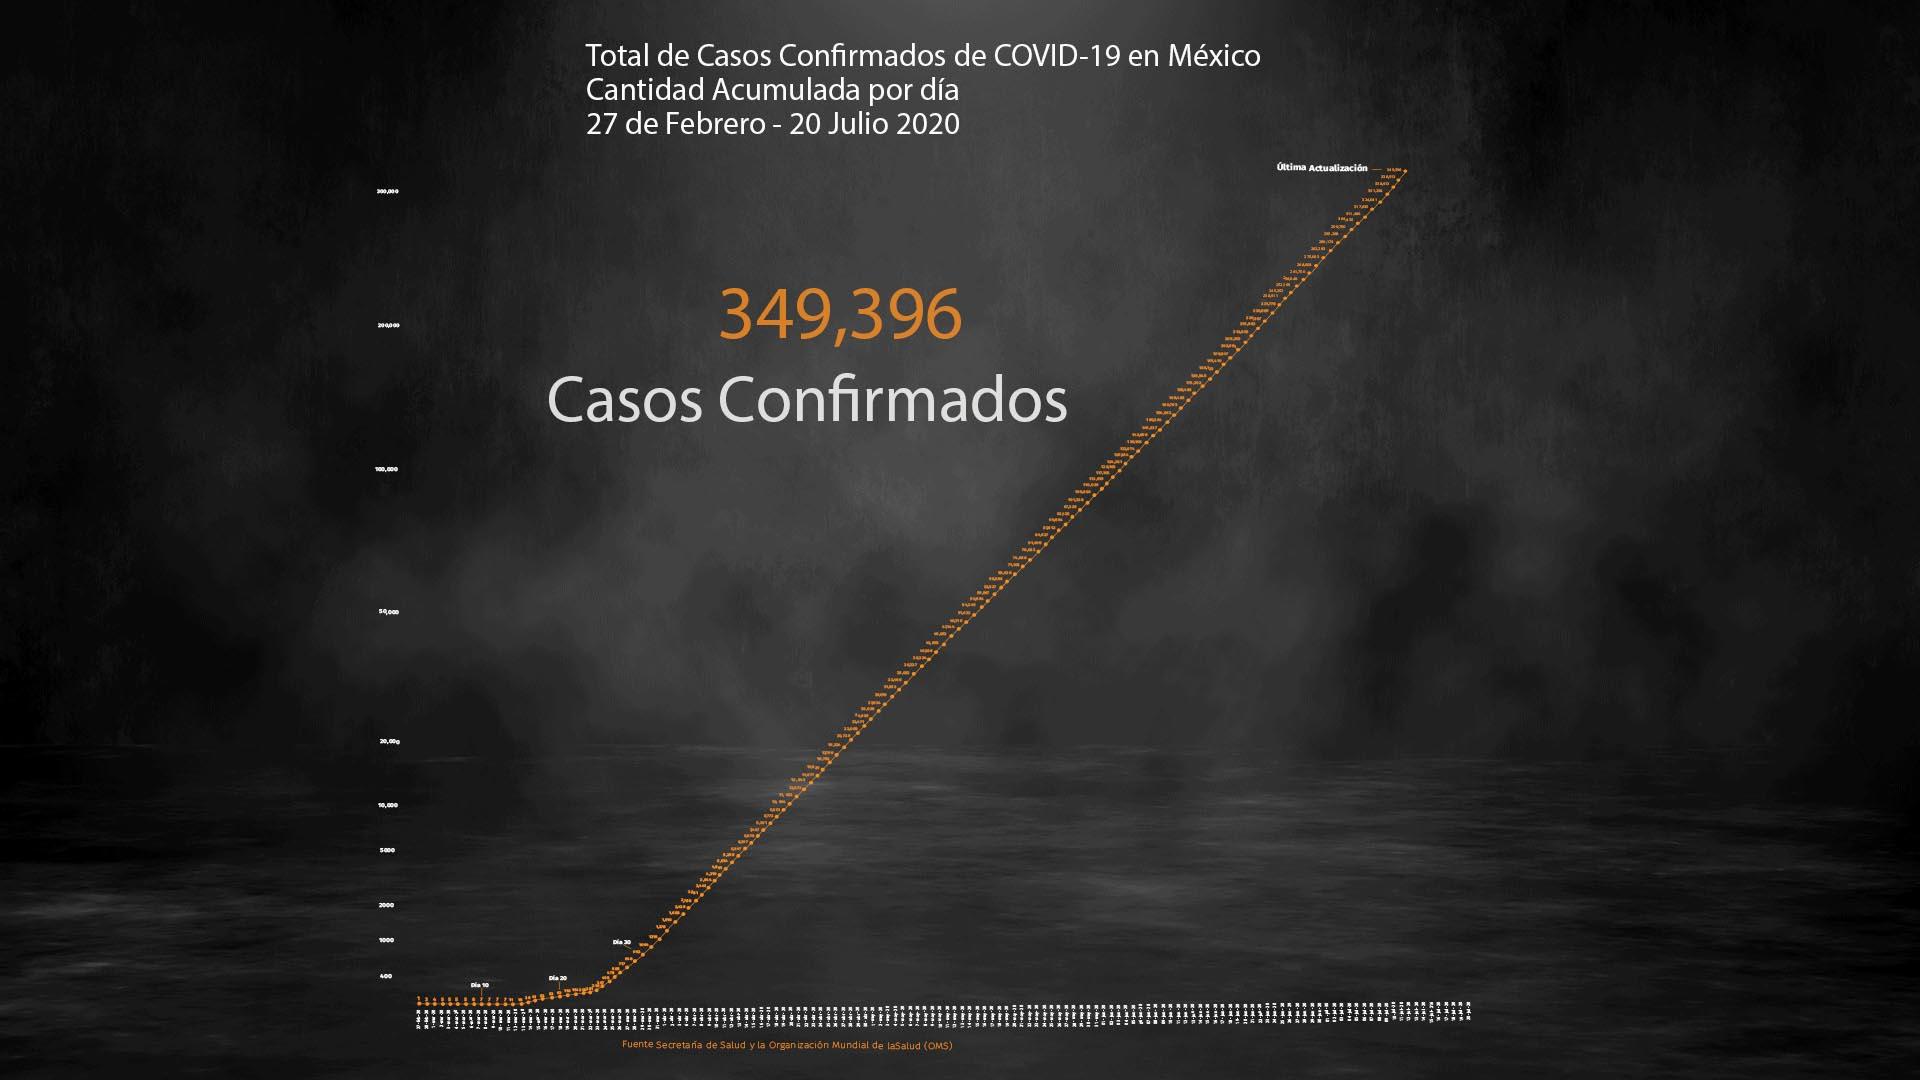 Coronavirus en México al 20 de julio, 39,485 muertes և 349,396 casos acumulados